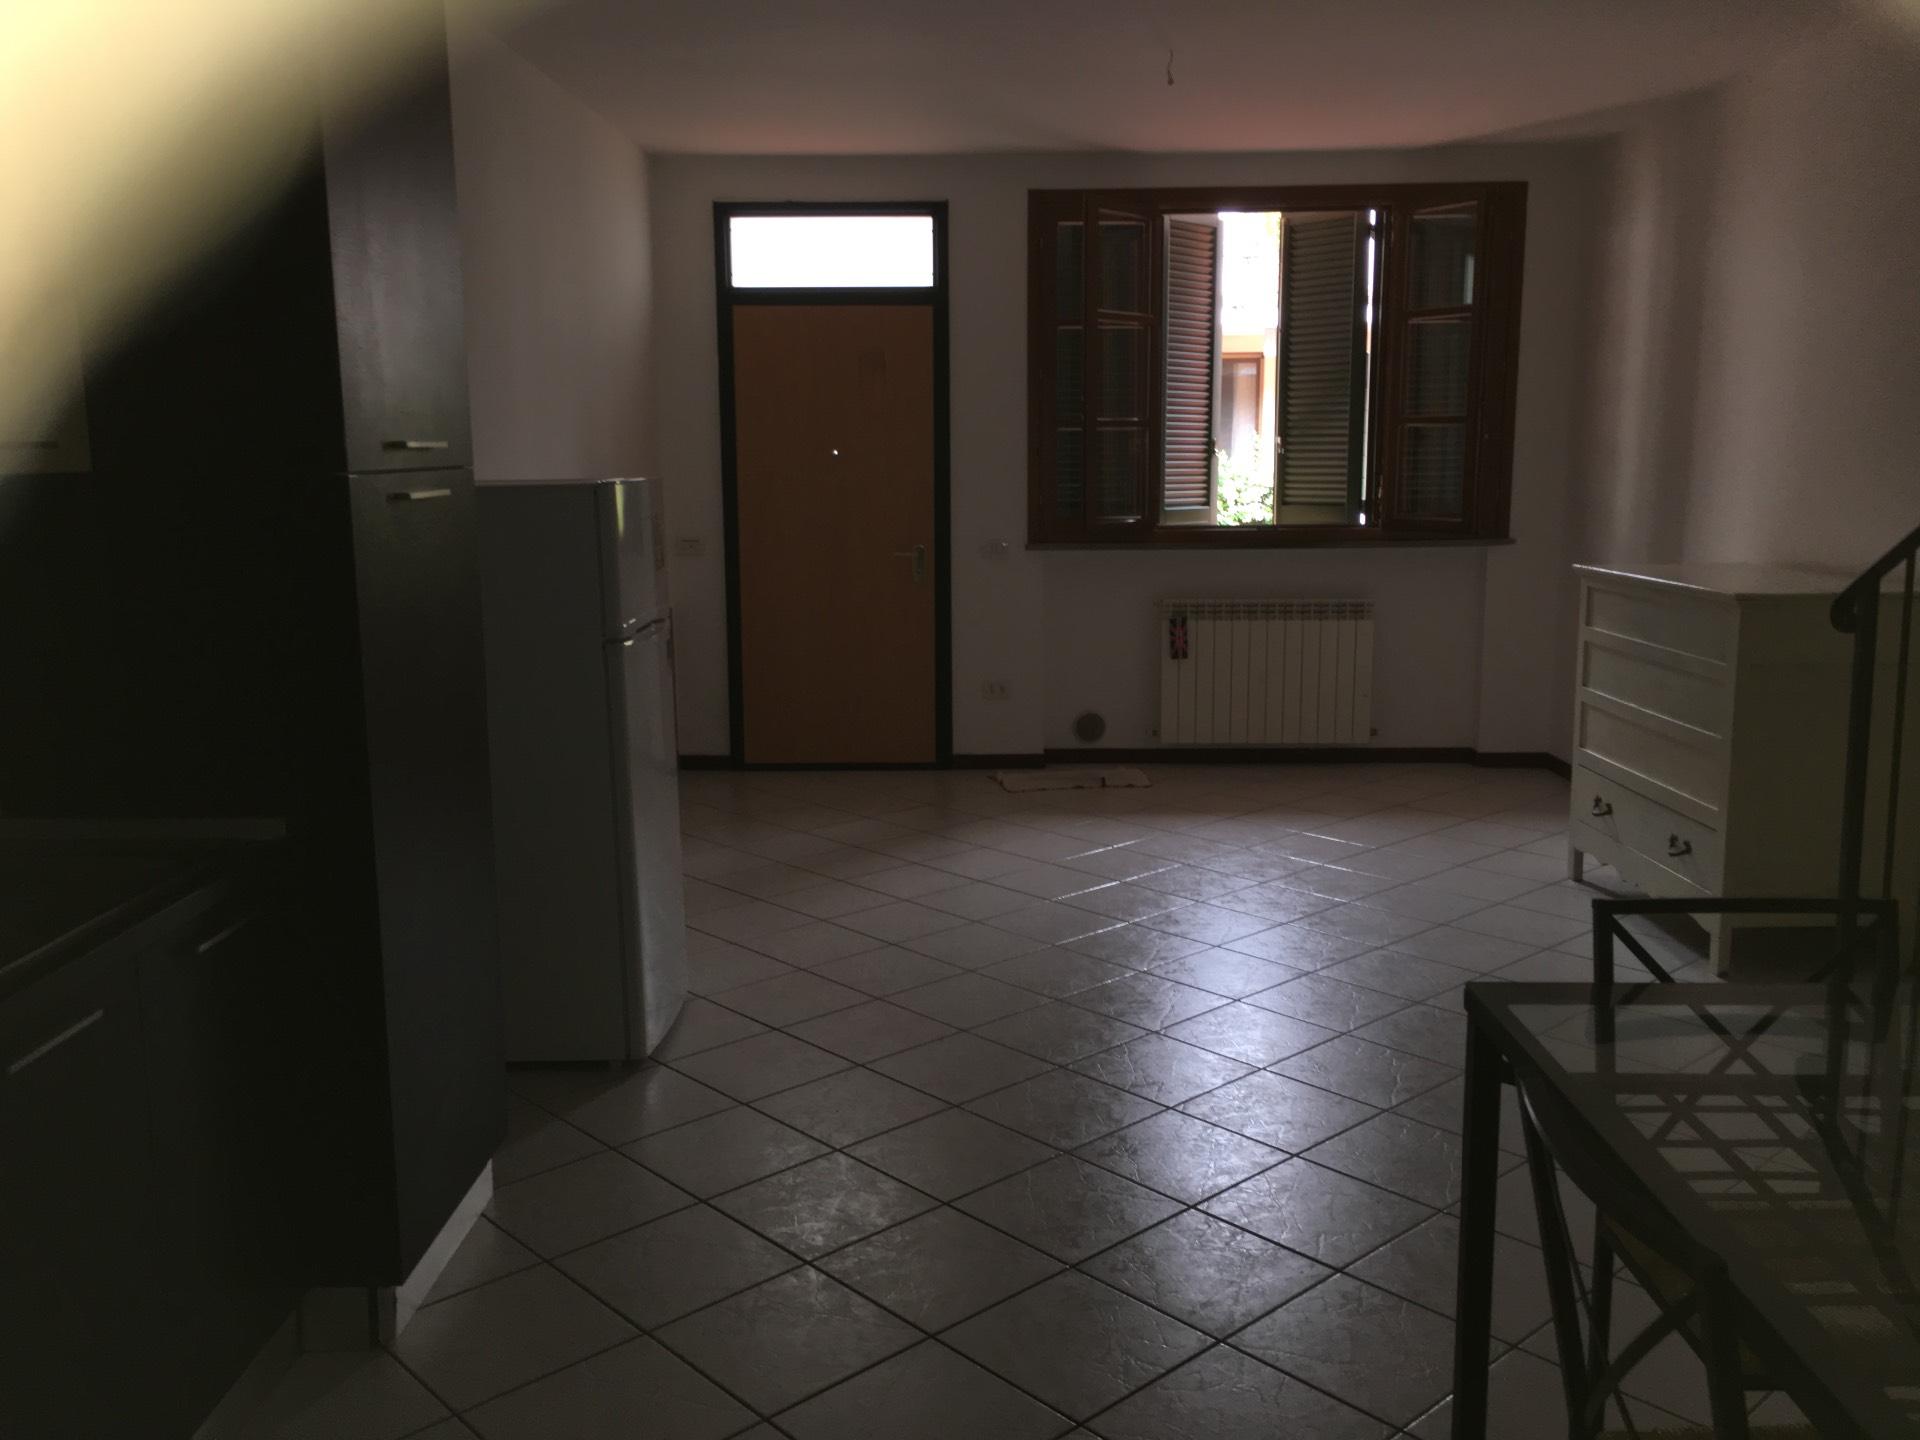 Soluzione Semindipendente in affitto a Cerreto Guidi, 4 locali, prezzo € 600 | Cambio Casa.it